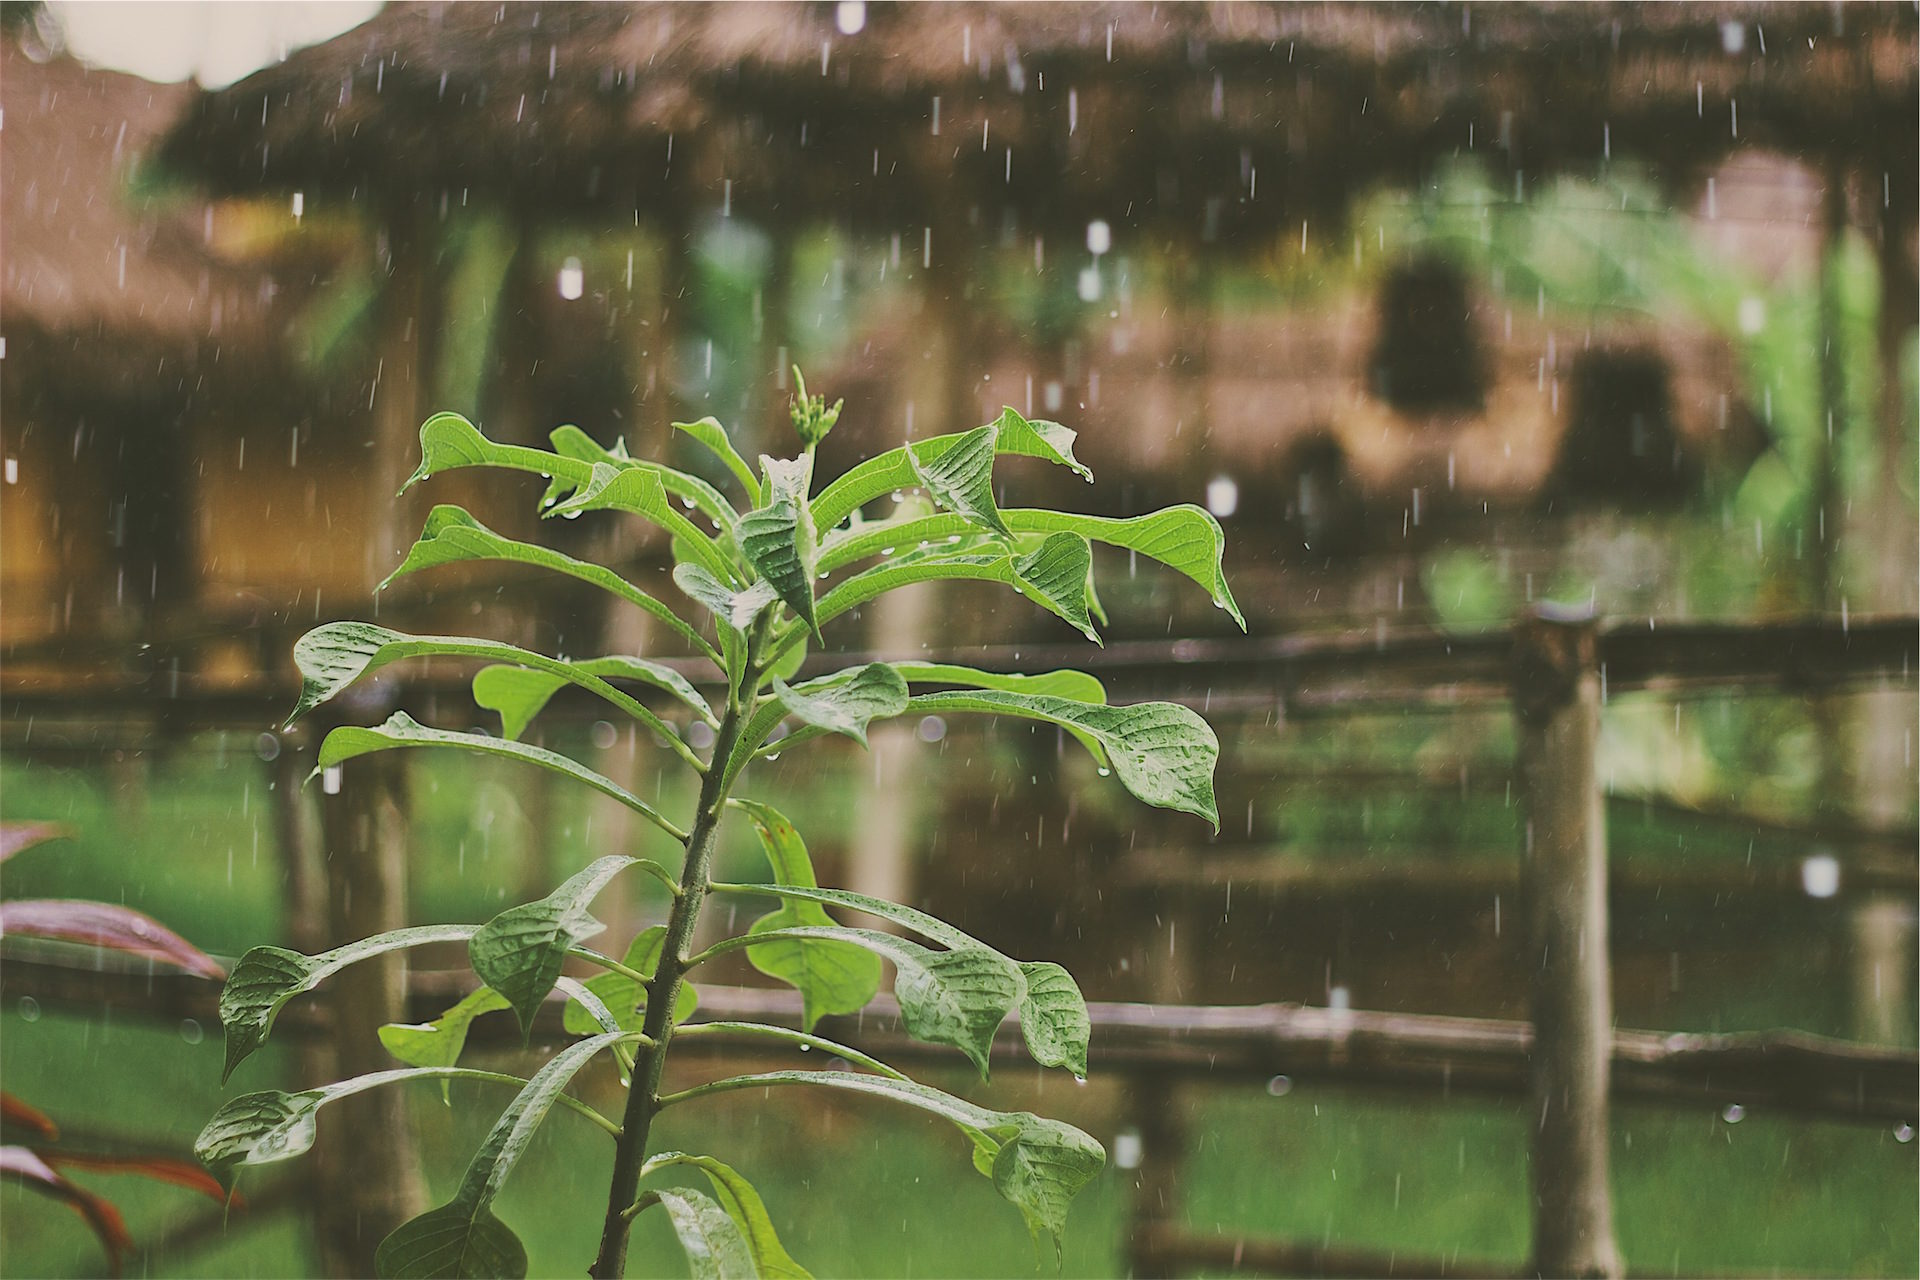 piano terra, pioggia, staminali, acqua, sopravvivenza - Sfondi HD - Professor-falken.com